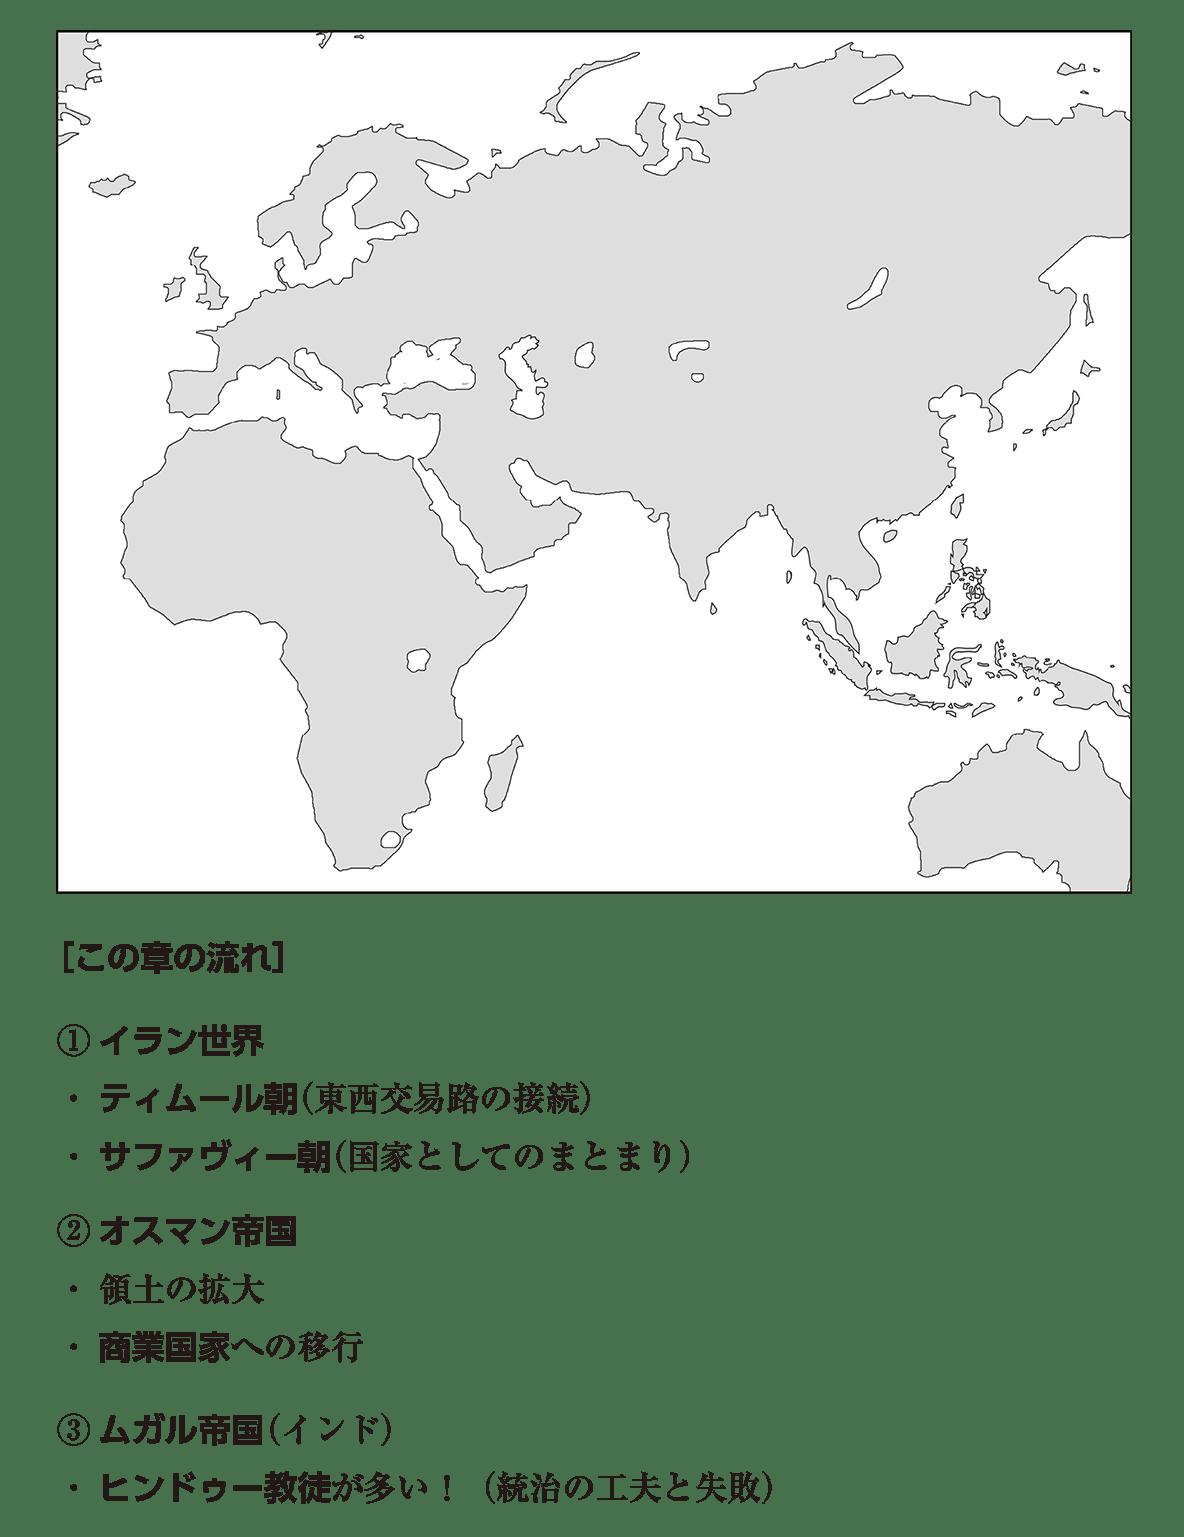 高校世界史 イスラーム世界の繁栄0 右頁地図+下部テキスト